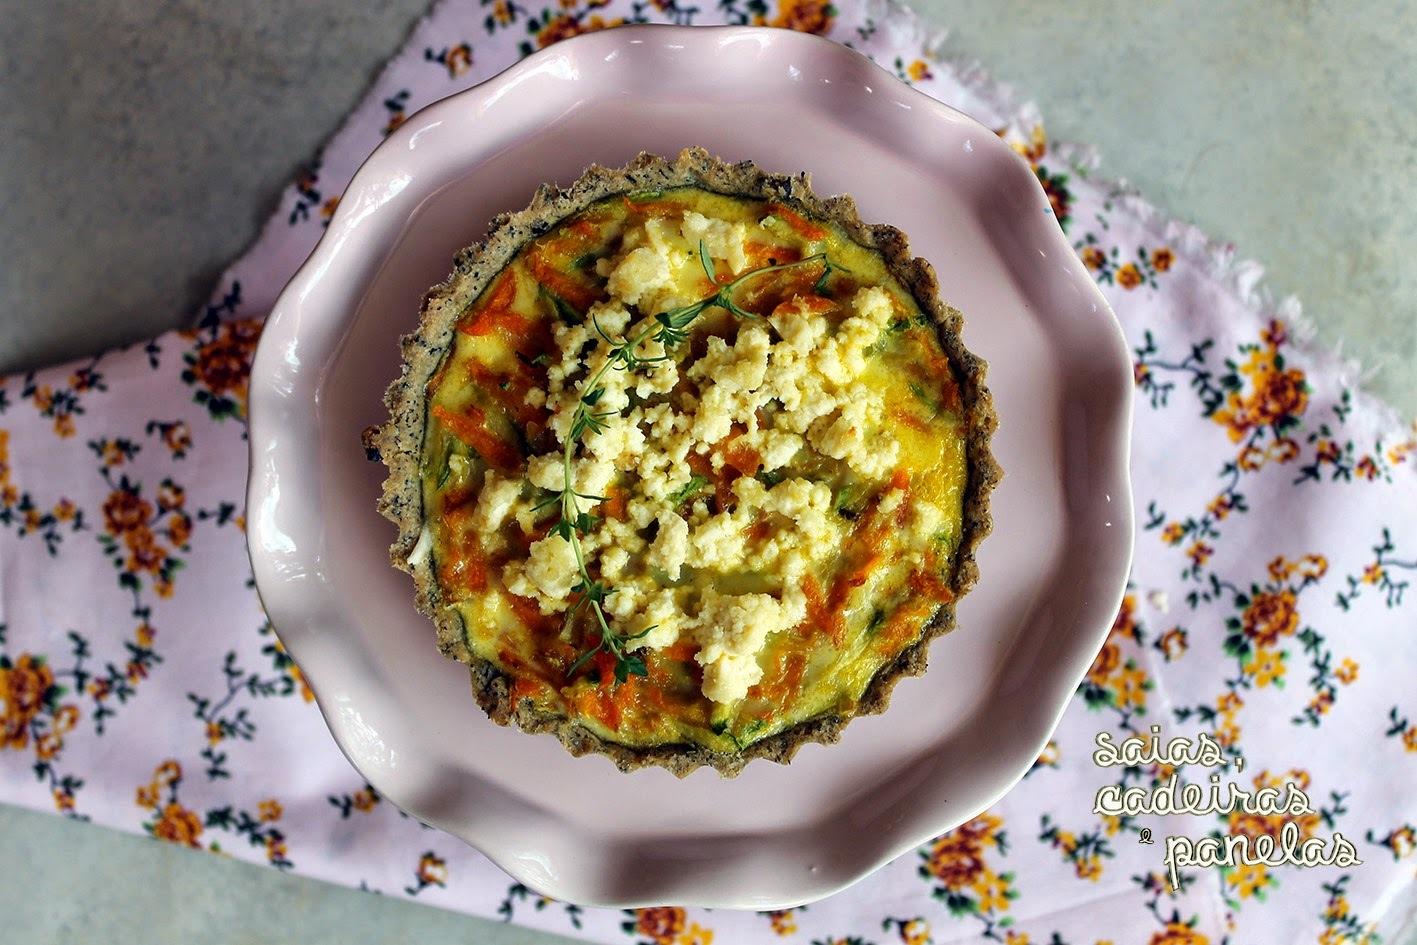 Torta de Cenoura com Abobrinha, Com ou Sem Glúten. Você Decide!